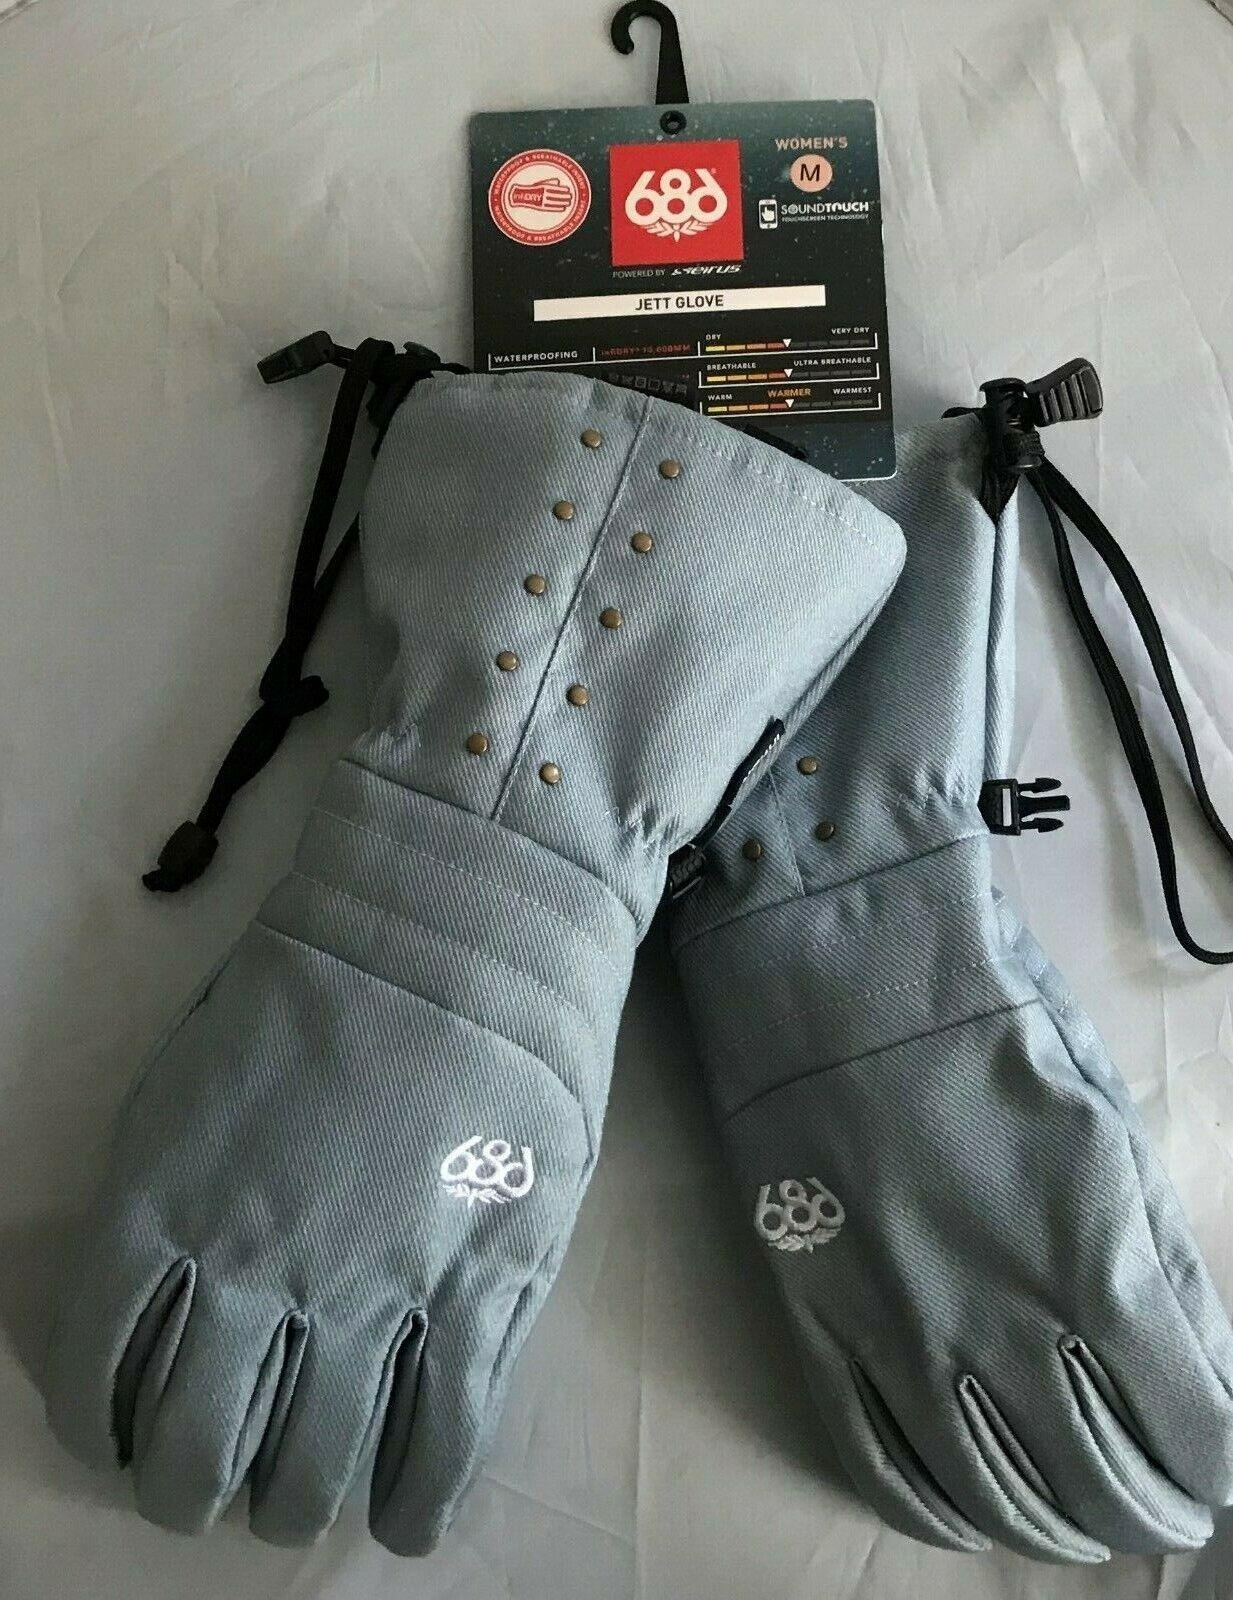 2020 NWT 686 Jett G  G s Snowboard Womens  M Medium bluee Denim 10K yi27  luxury brand